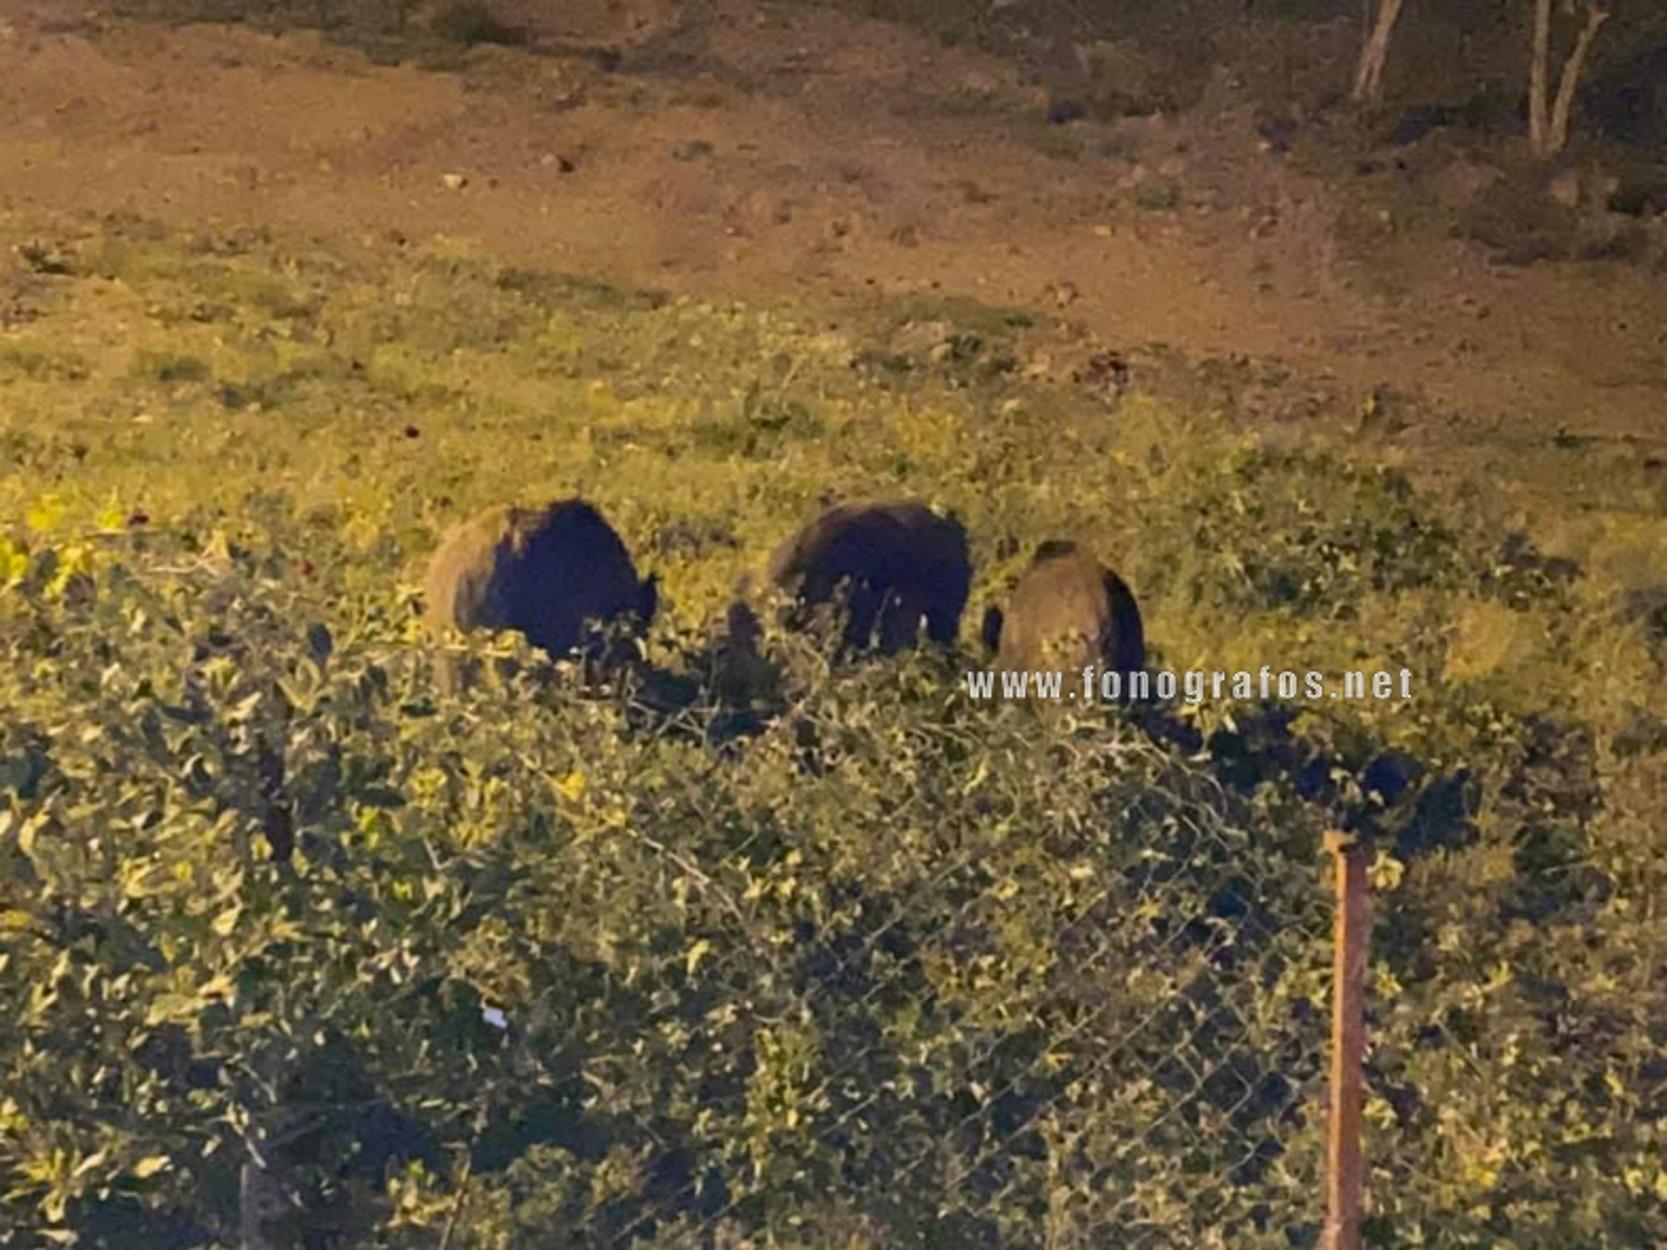 """Μακρακώμη: Ξανά στην αυλή του αντιδημάρχου αγριογούρουνα – """"Ήρθαν περισσότερα"""" (pics)"""